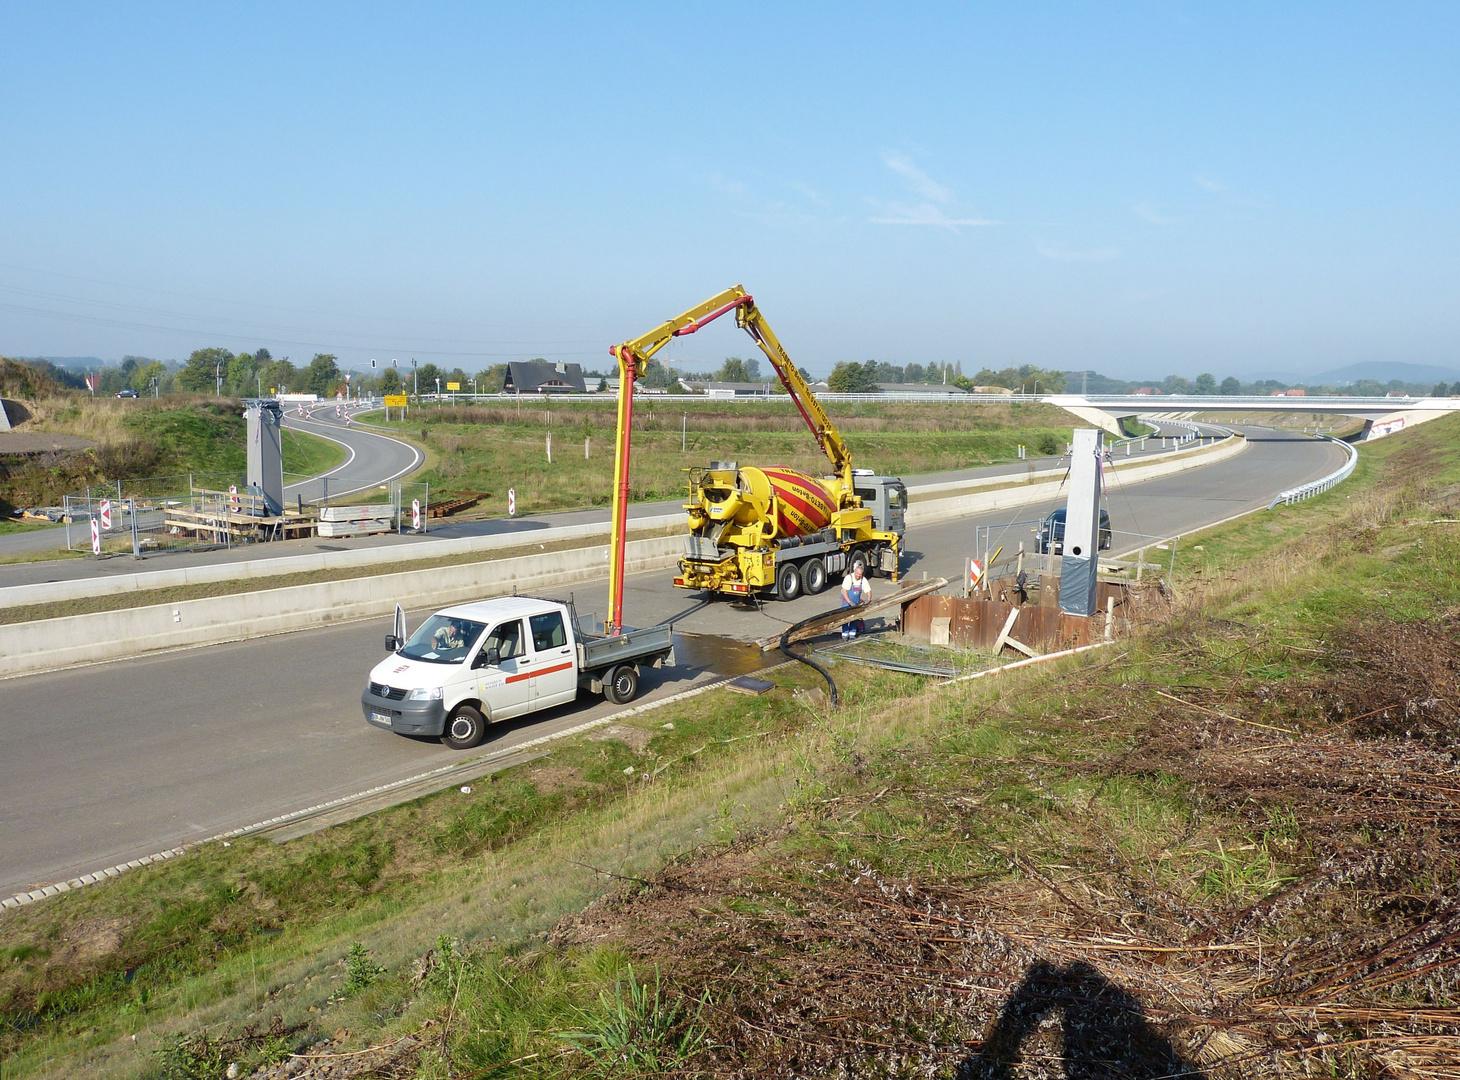 Brückenbaustelle (BW 26) an der Dehmer Autobannspange